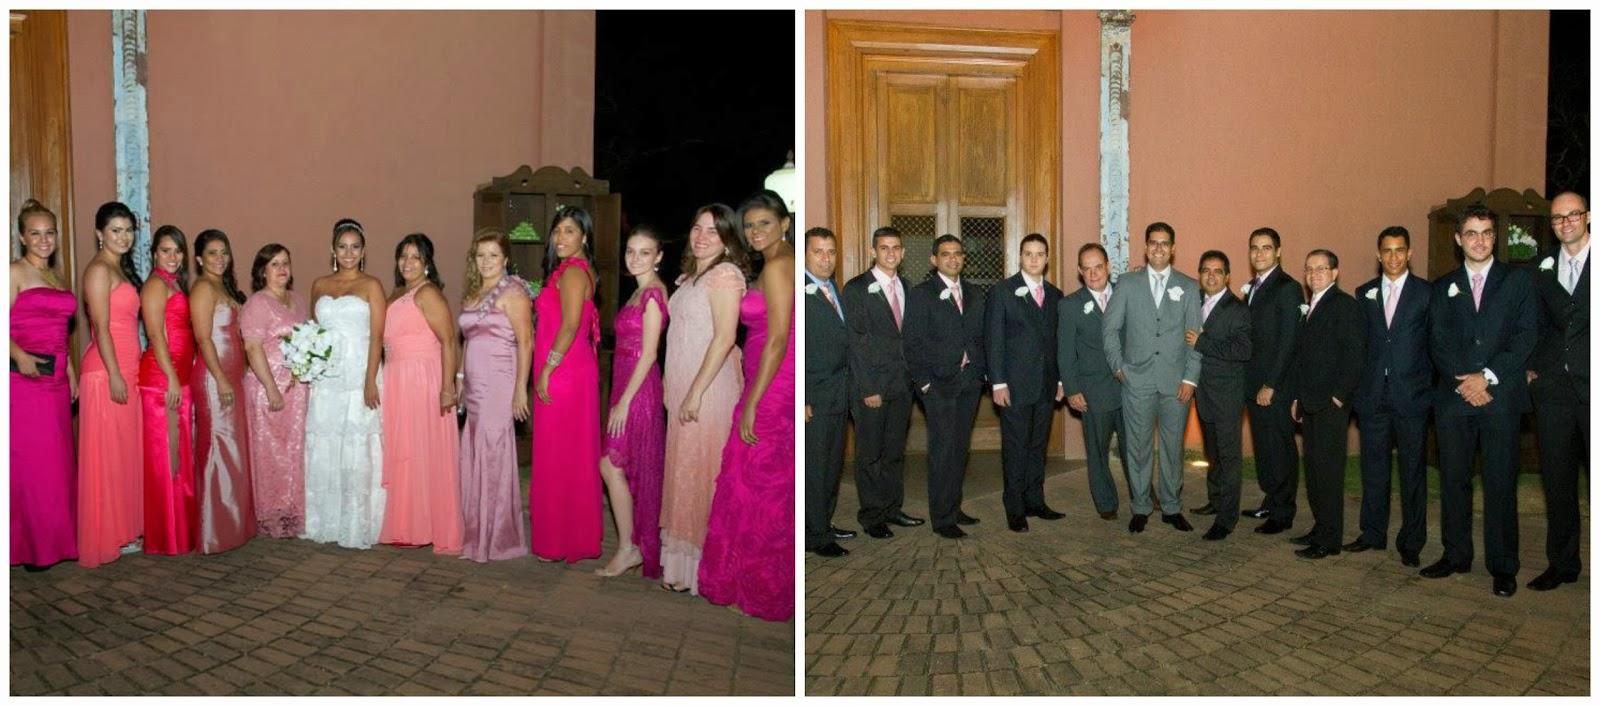 altar - foto com as madrinhas - fotos posadas - madrinhas - madrinhas cor de rosa - padrinhos - foto com os padrinhos